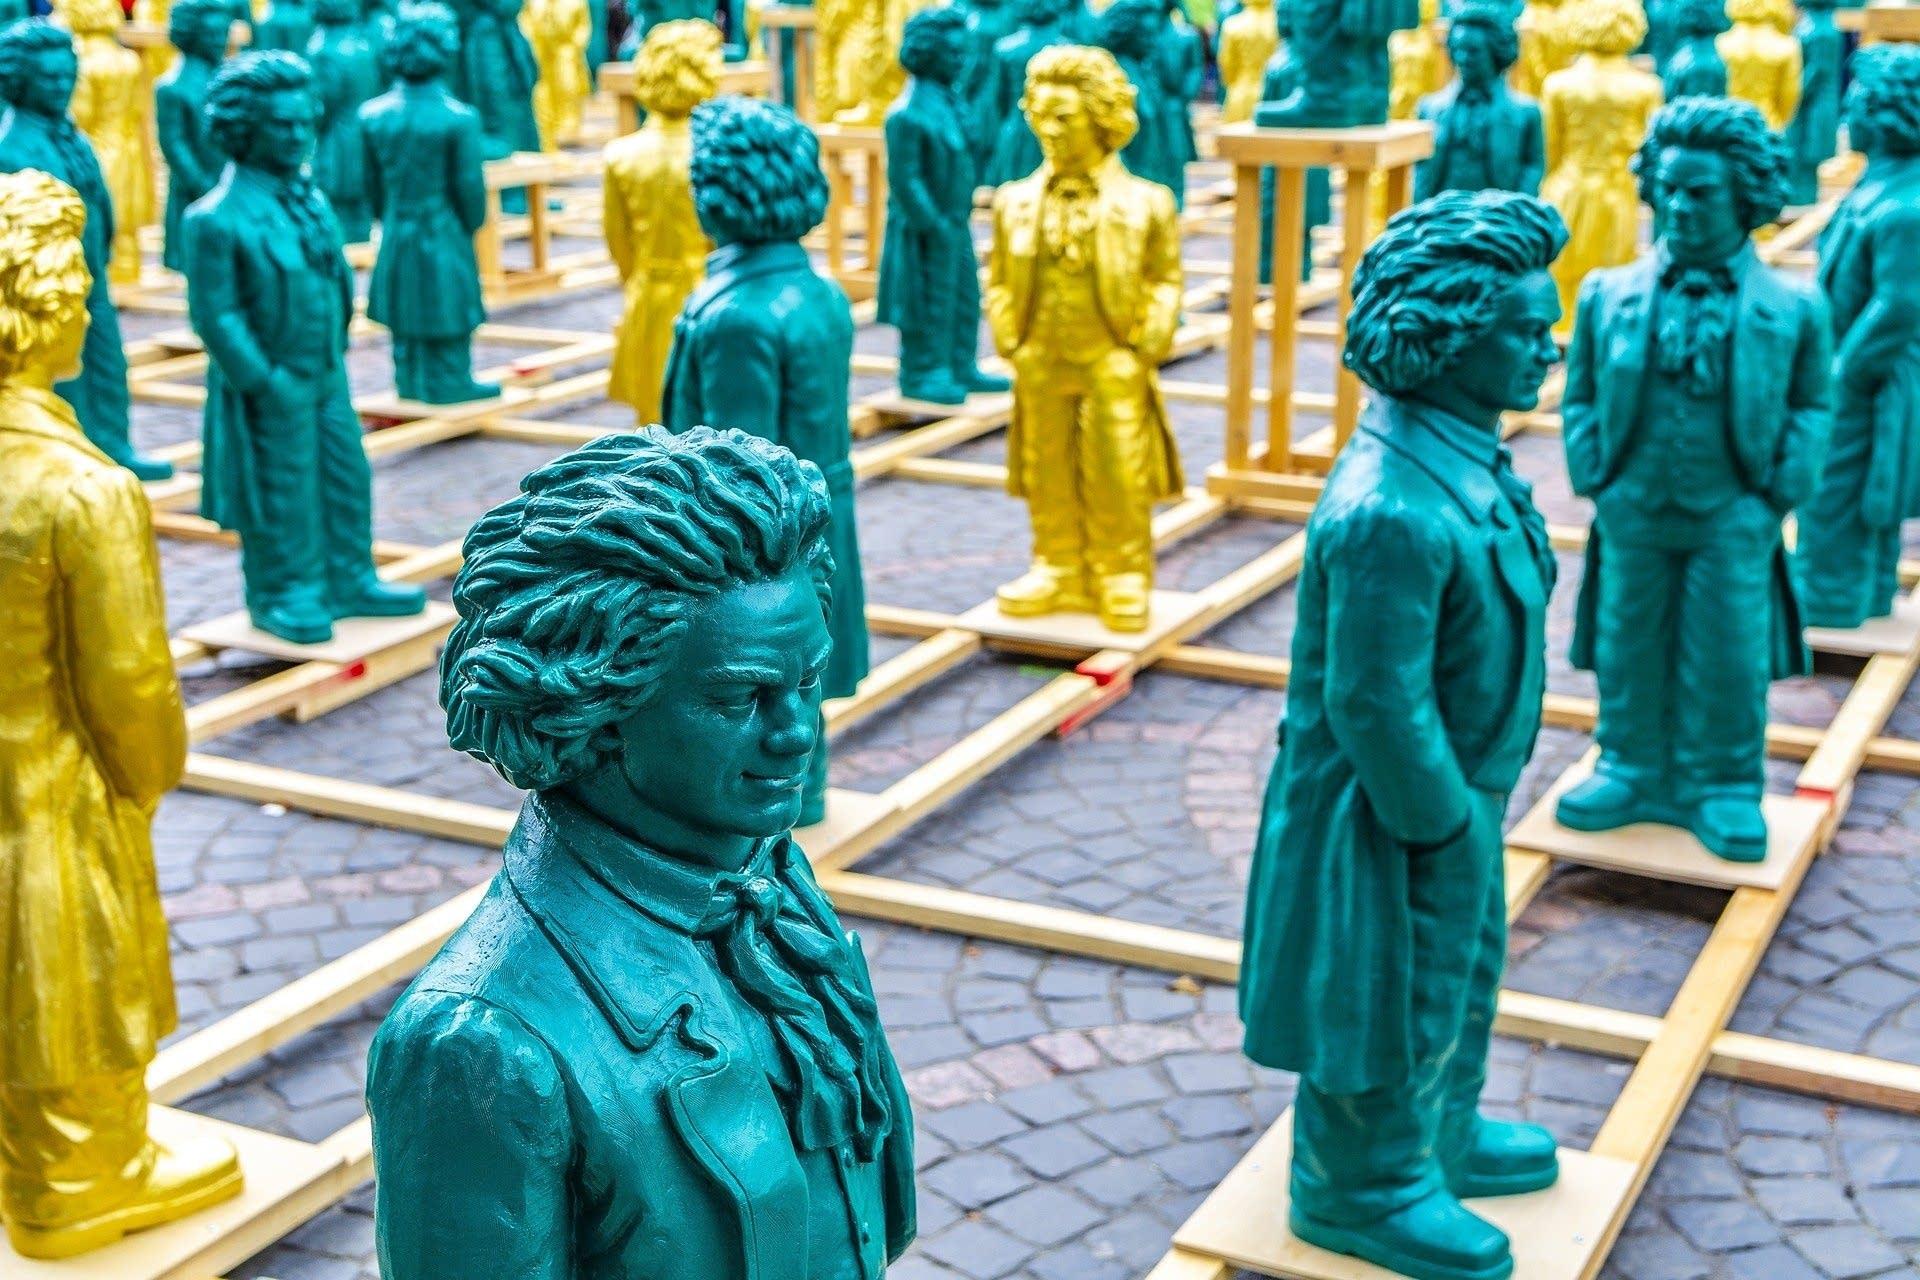 Beethoven sculptures